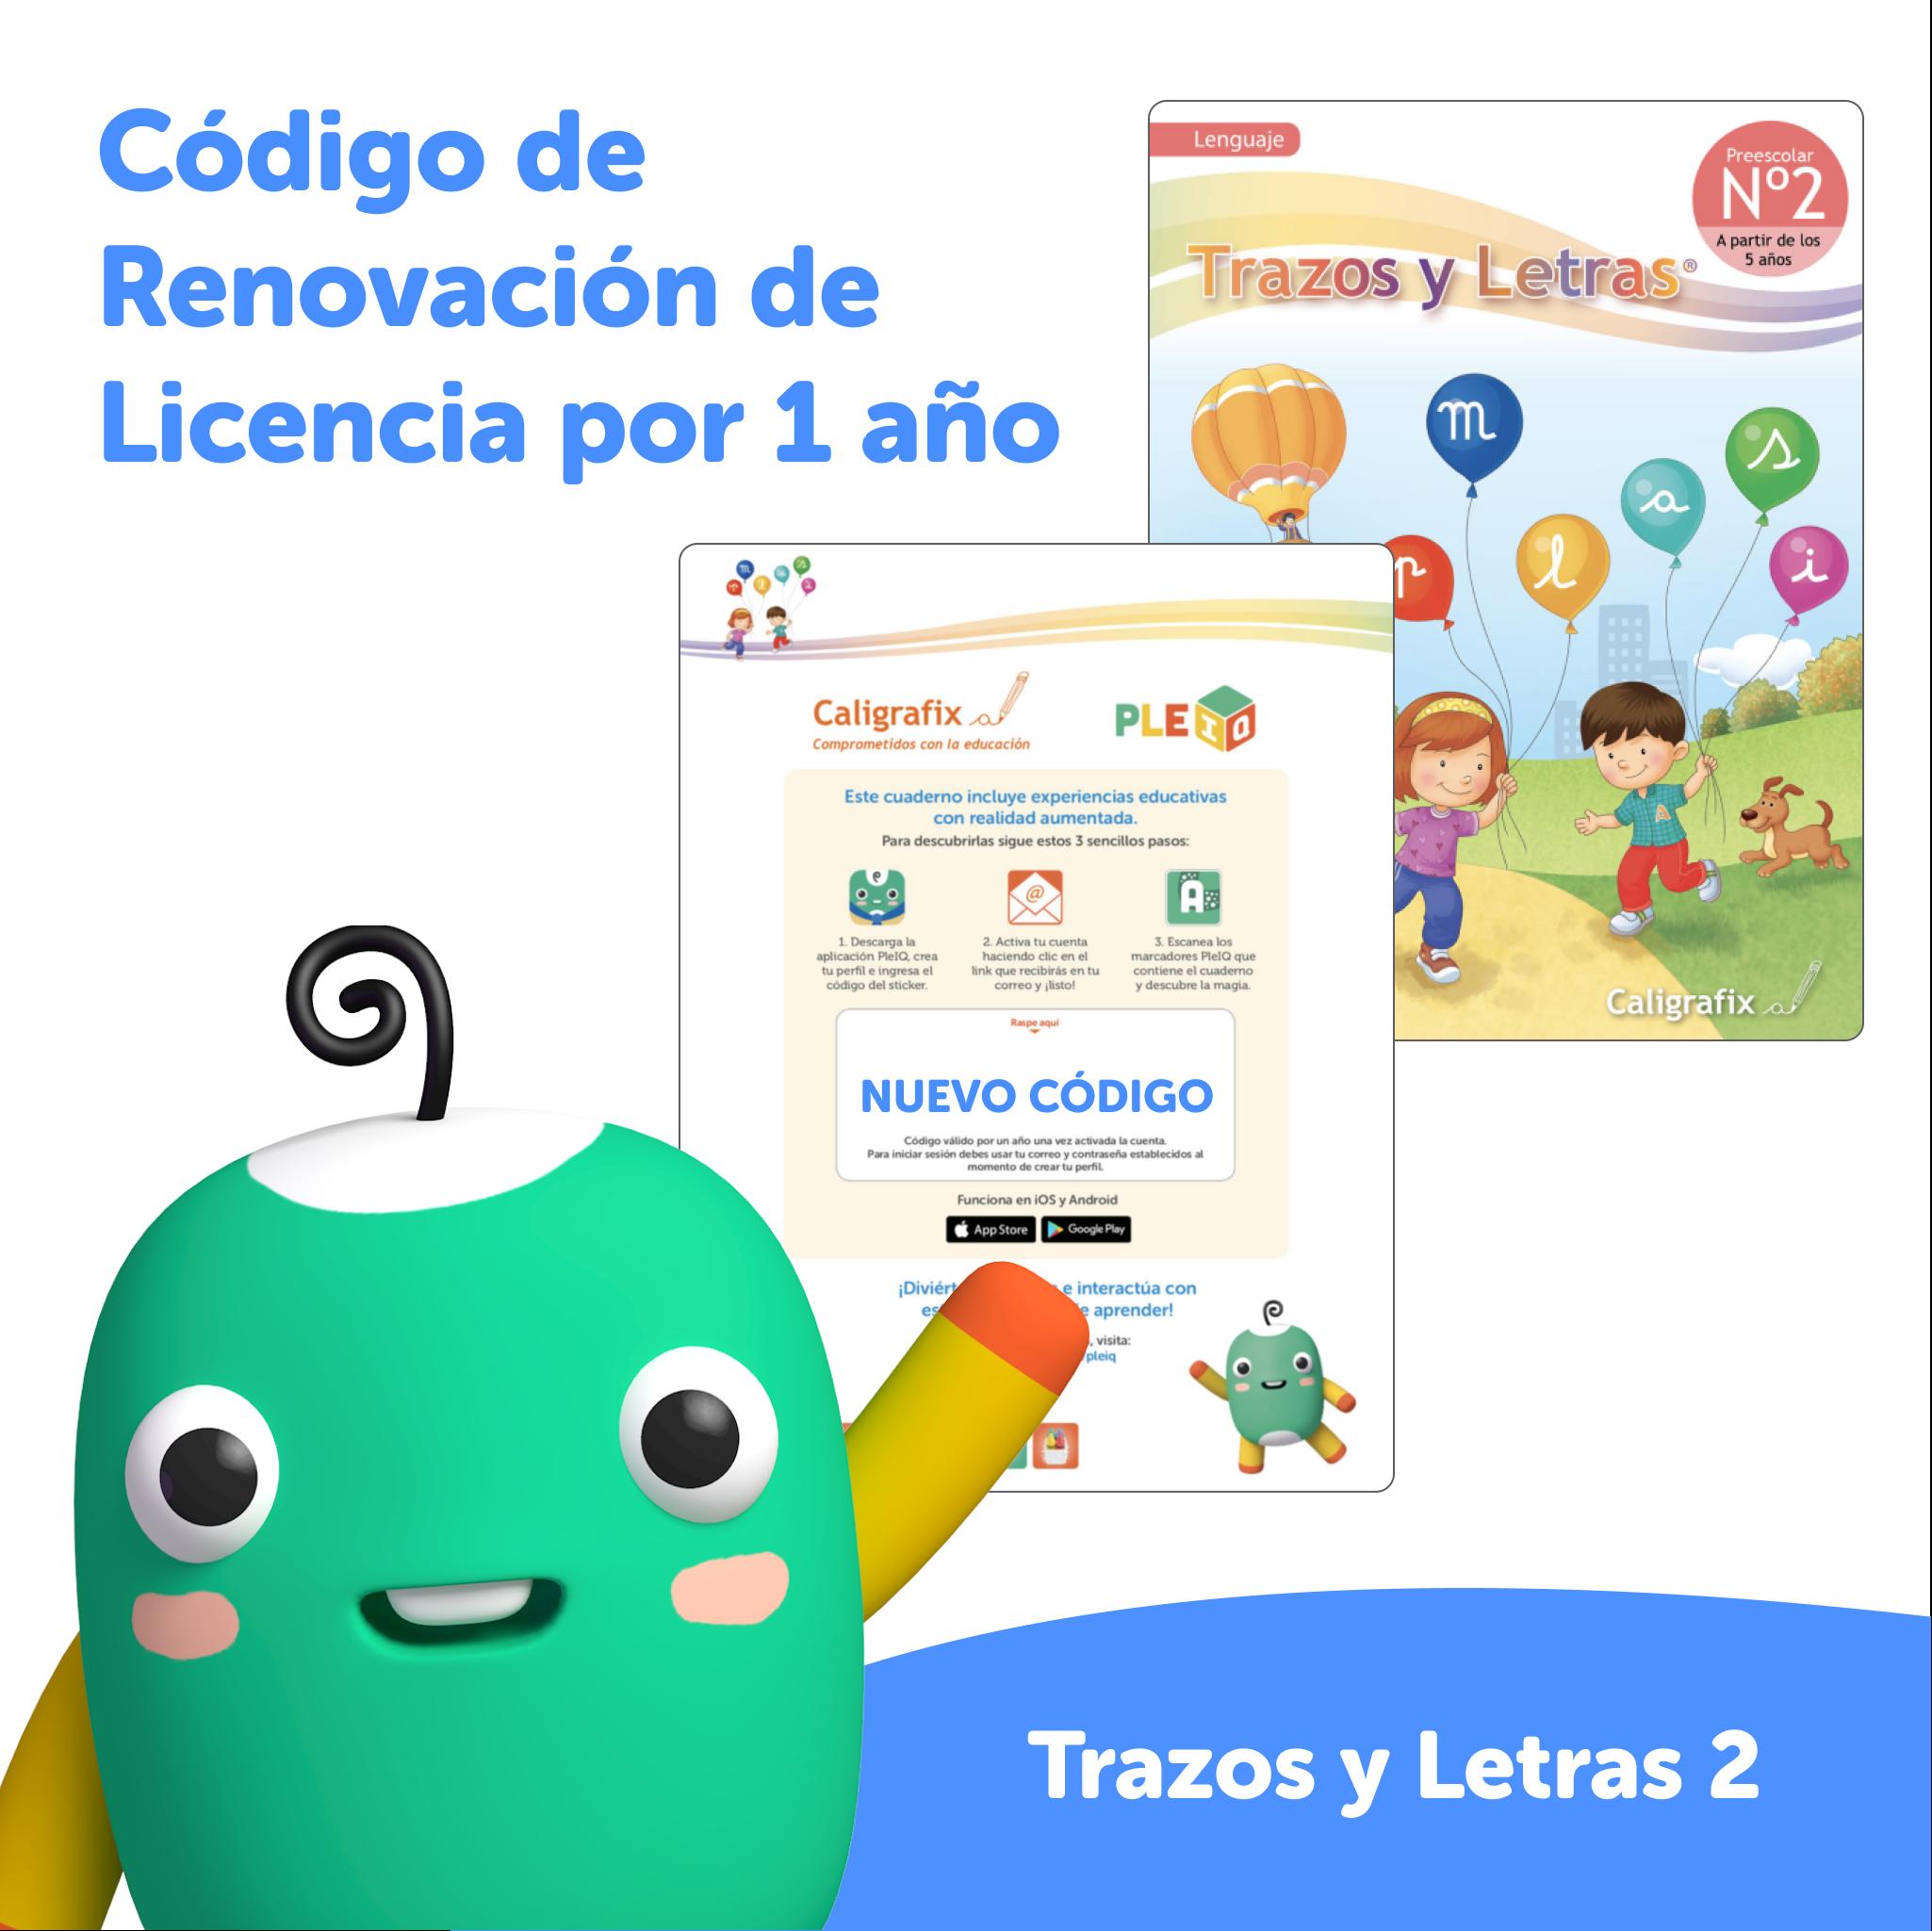 Código de renovación - Licencia Trazos y Letras 2